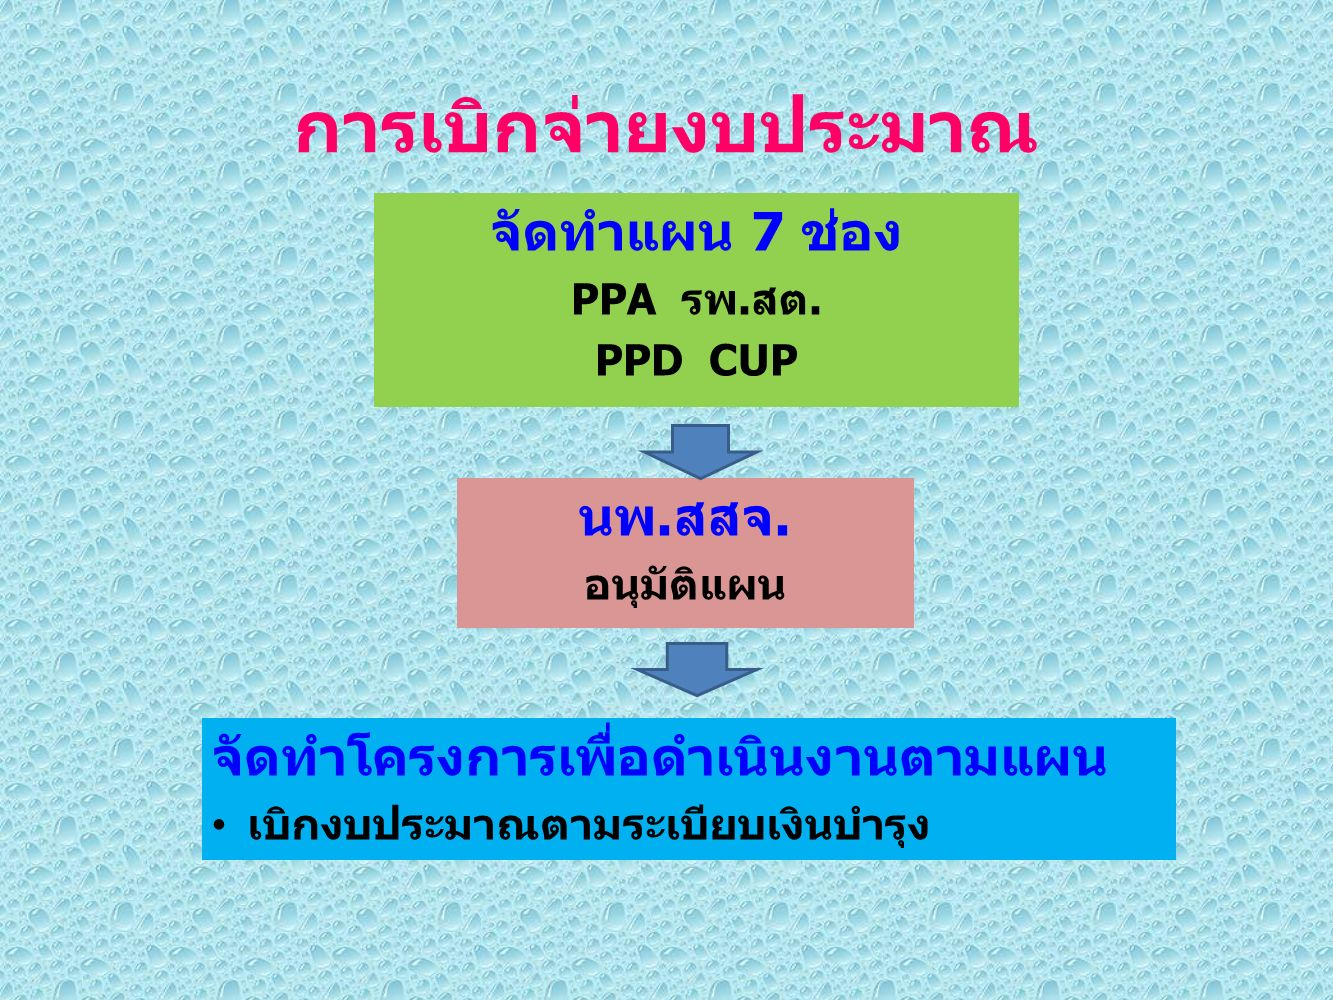 การเบิกจ่ายงบประมาณ จัดทำแผน 7 ช่อง PPA รพ.สต. PPD CUP นพ.สสจ.